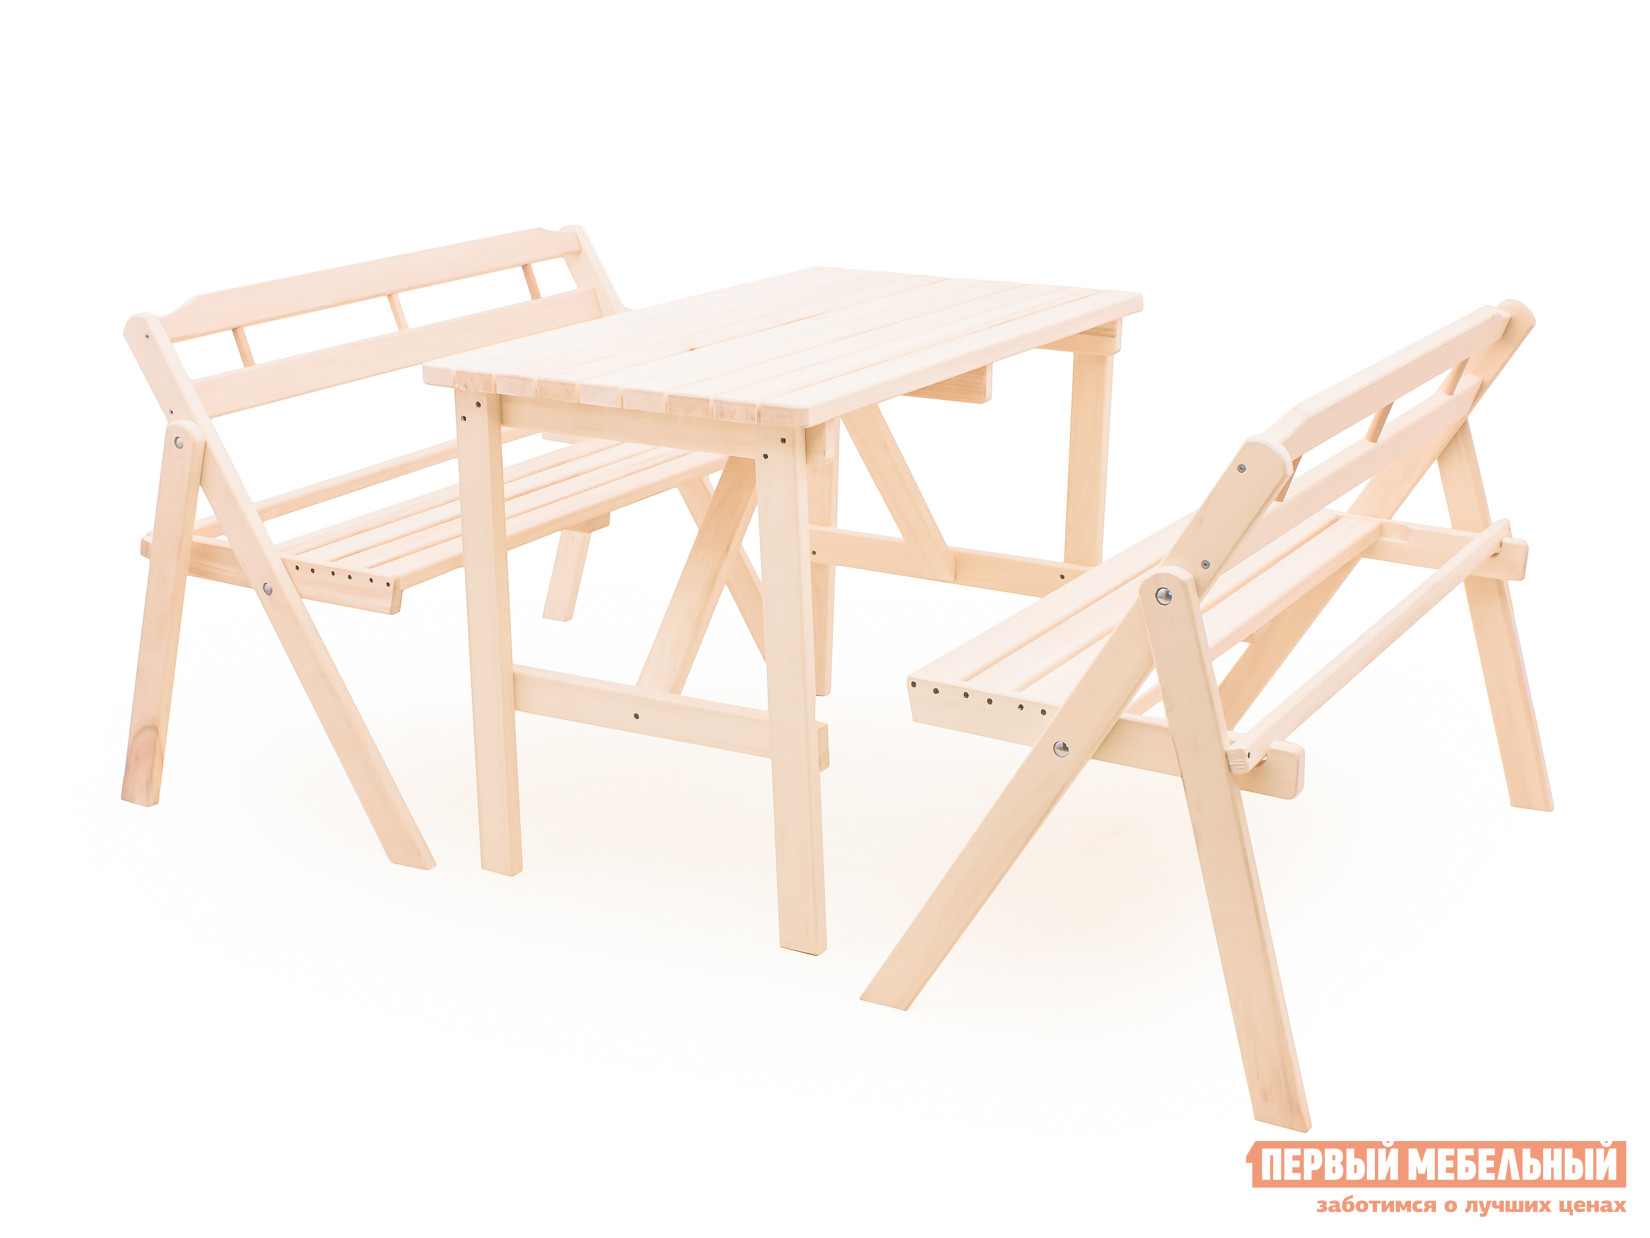 Комплект садовой мебели СМКА Веранда БМ053 ОсинаКомплекты садовой мебели<br>Габаритные размеры ВхШхГ xx мм. Классический представитель своего вида — комплект садовой мебели Веранда-053 — отличное решение для организации комфортного места для отдыха как на свежем воздухе, так и в помещении. В гарнитуре представлено три предмета.  Это стол (ВхШхГ): 750 х 1000 х 600 мм и две складные скамьи (ВхШхГ): 770 х 110 х 480 мм. Скамьи в сложенном виде удобно хранить и транспортировать. Все модели изготавливаются из натурального дерева — осины.  Поверхность не обрабатывается лаком, чтобы вы могли покрасить мебель в подходящий вам цвет или оставить дерево благоухать натуральностью.<br><br>Цвет: Светлое дерево<br>Кол-во упаковок: 3<br>Форма поставки: В разобранном виде<br>Срок гарантии: 1 год<br>Тип: С обеденным столом<br>Тип: С лавками<br>Материал: Массив дерева<br>Порода дерева: Осина<br>Вместимость: На 4 персоны